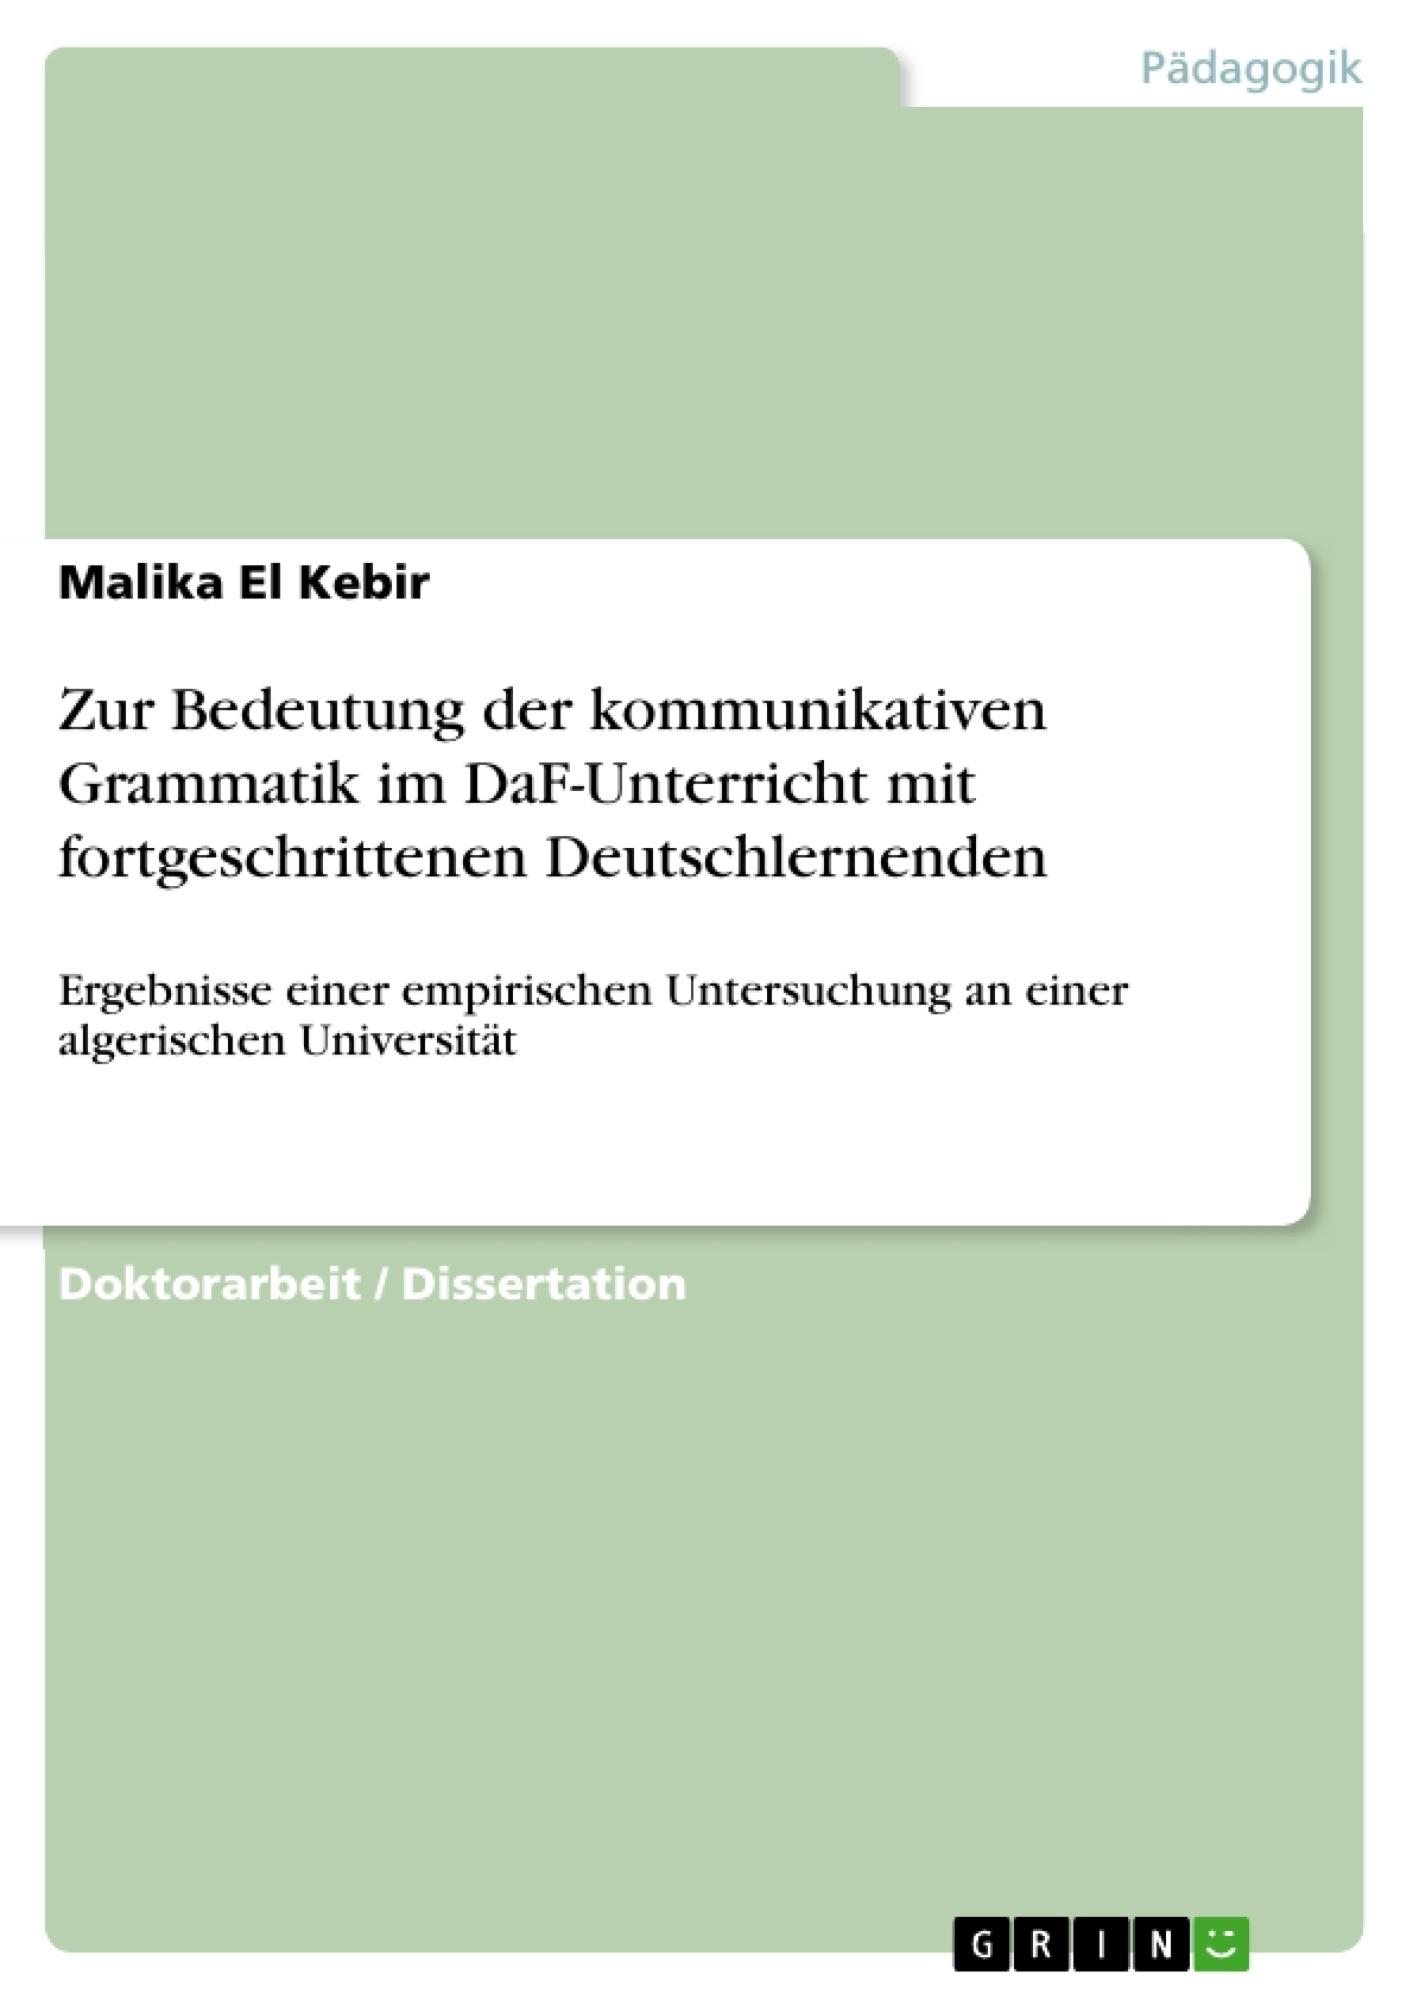 Titel: Zur Bedeutung der kommunikativen Grammatik im DaF-Unterricht mit fortgeschrittenen Deutschlernenden